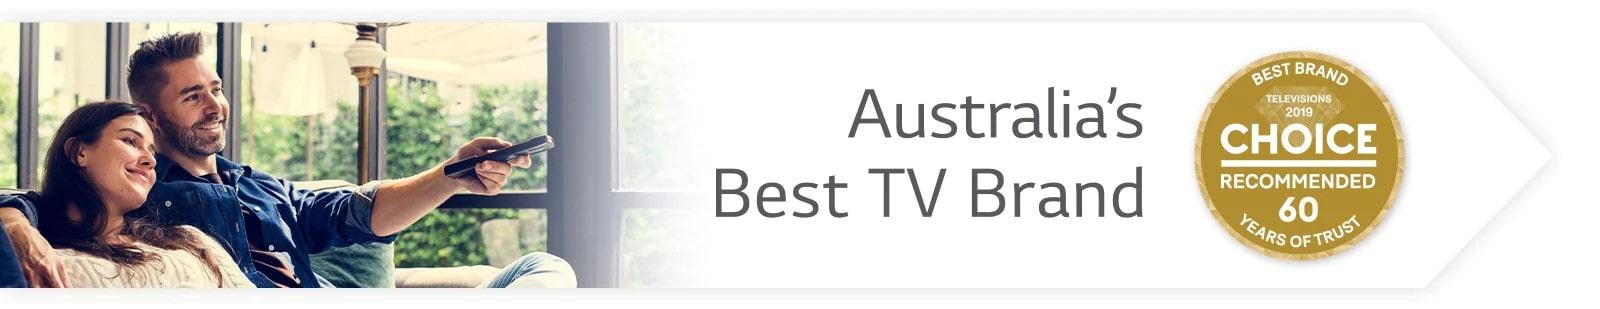 CHOICE-Best-TV-Brand-Digital-Banner_DESKTOP_new